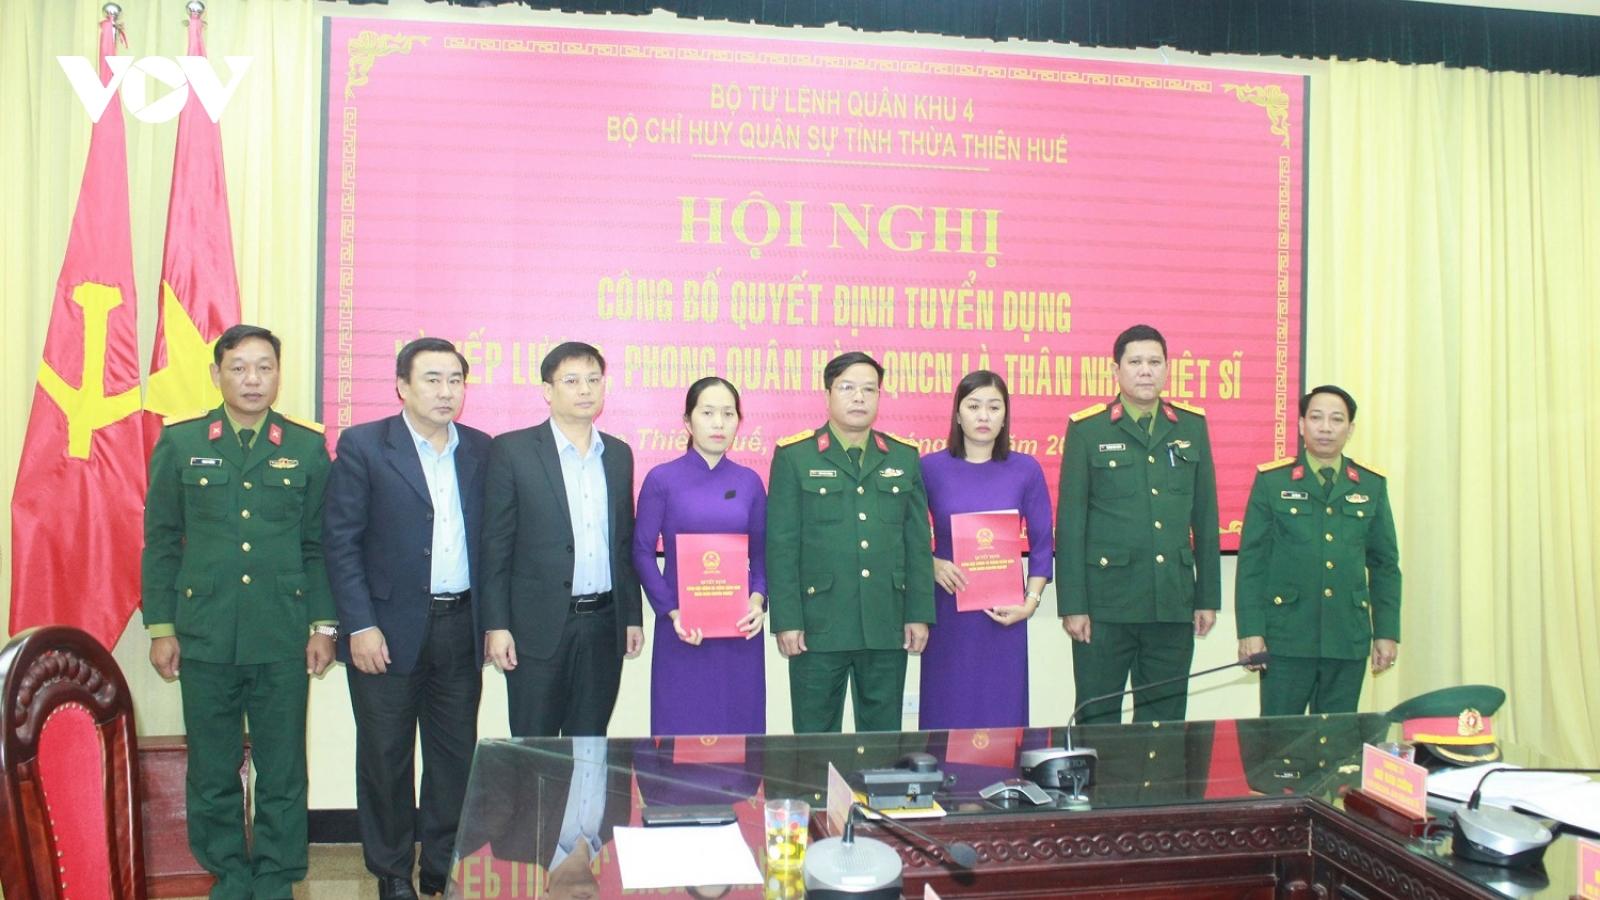 Tuyển dụng, trao quân hàm quân nhân chuyên nghiệp cho thân nhân liệt sĩ Rào Trăng 3